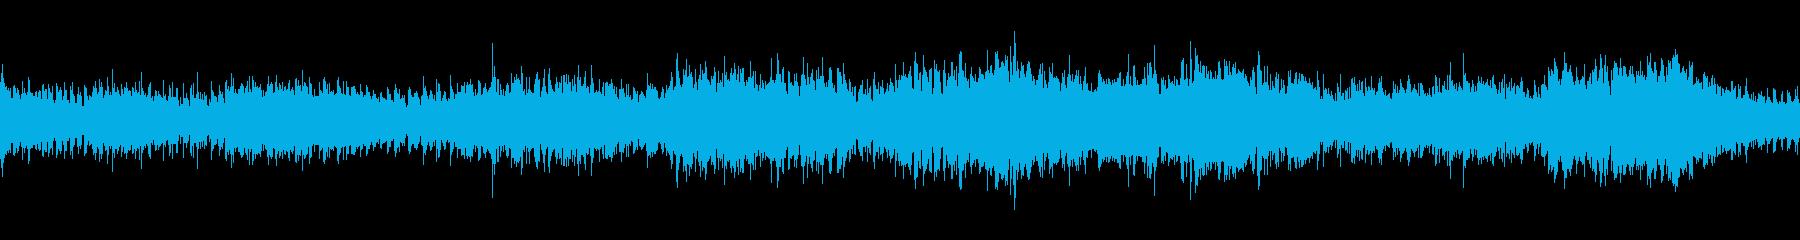 アンビエントのヒーリング曲です。戦火の再生済みの波形